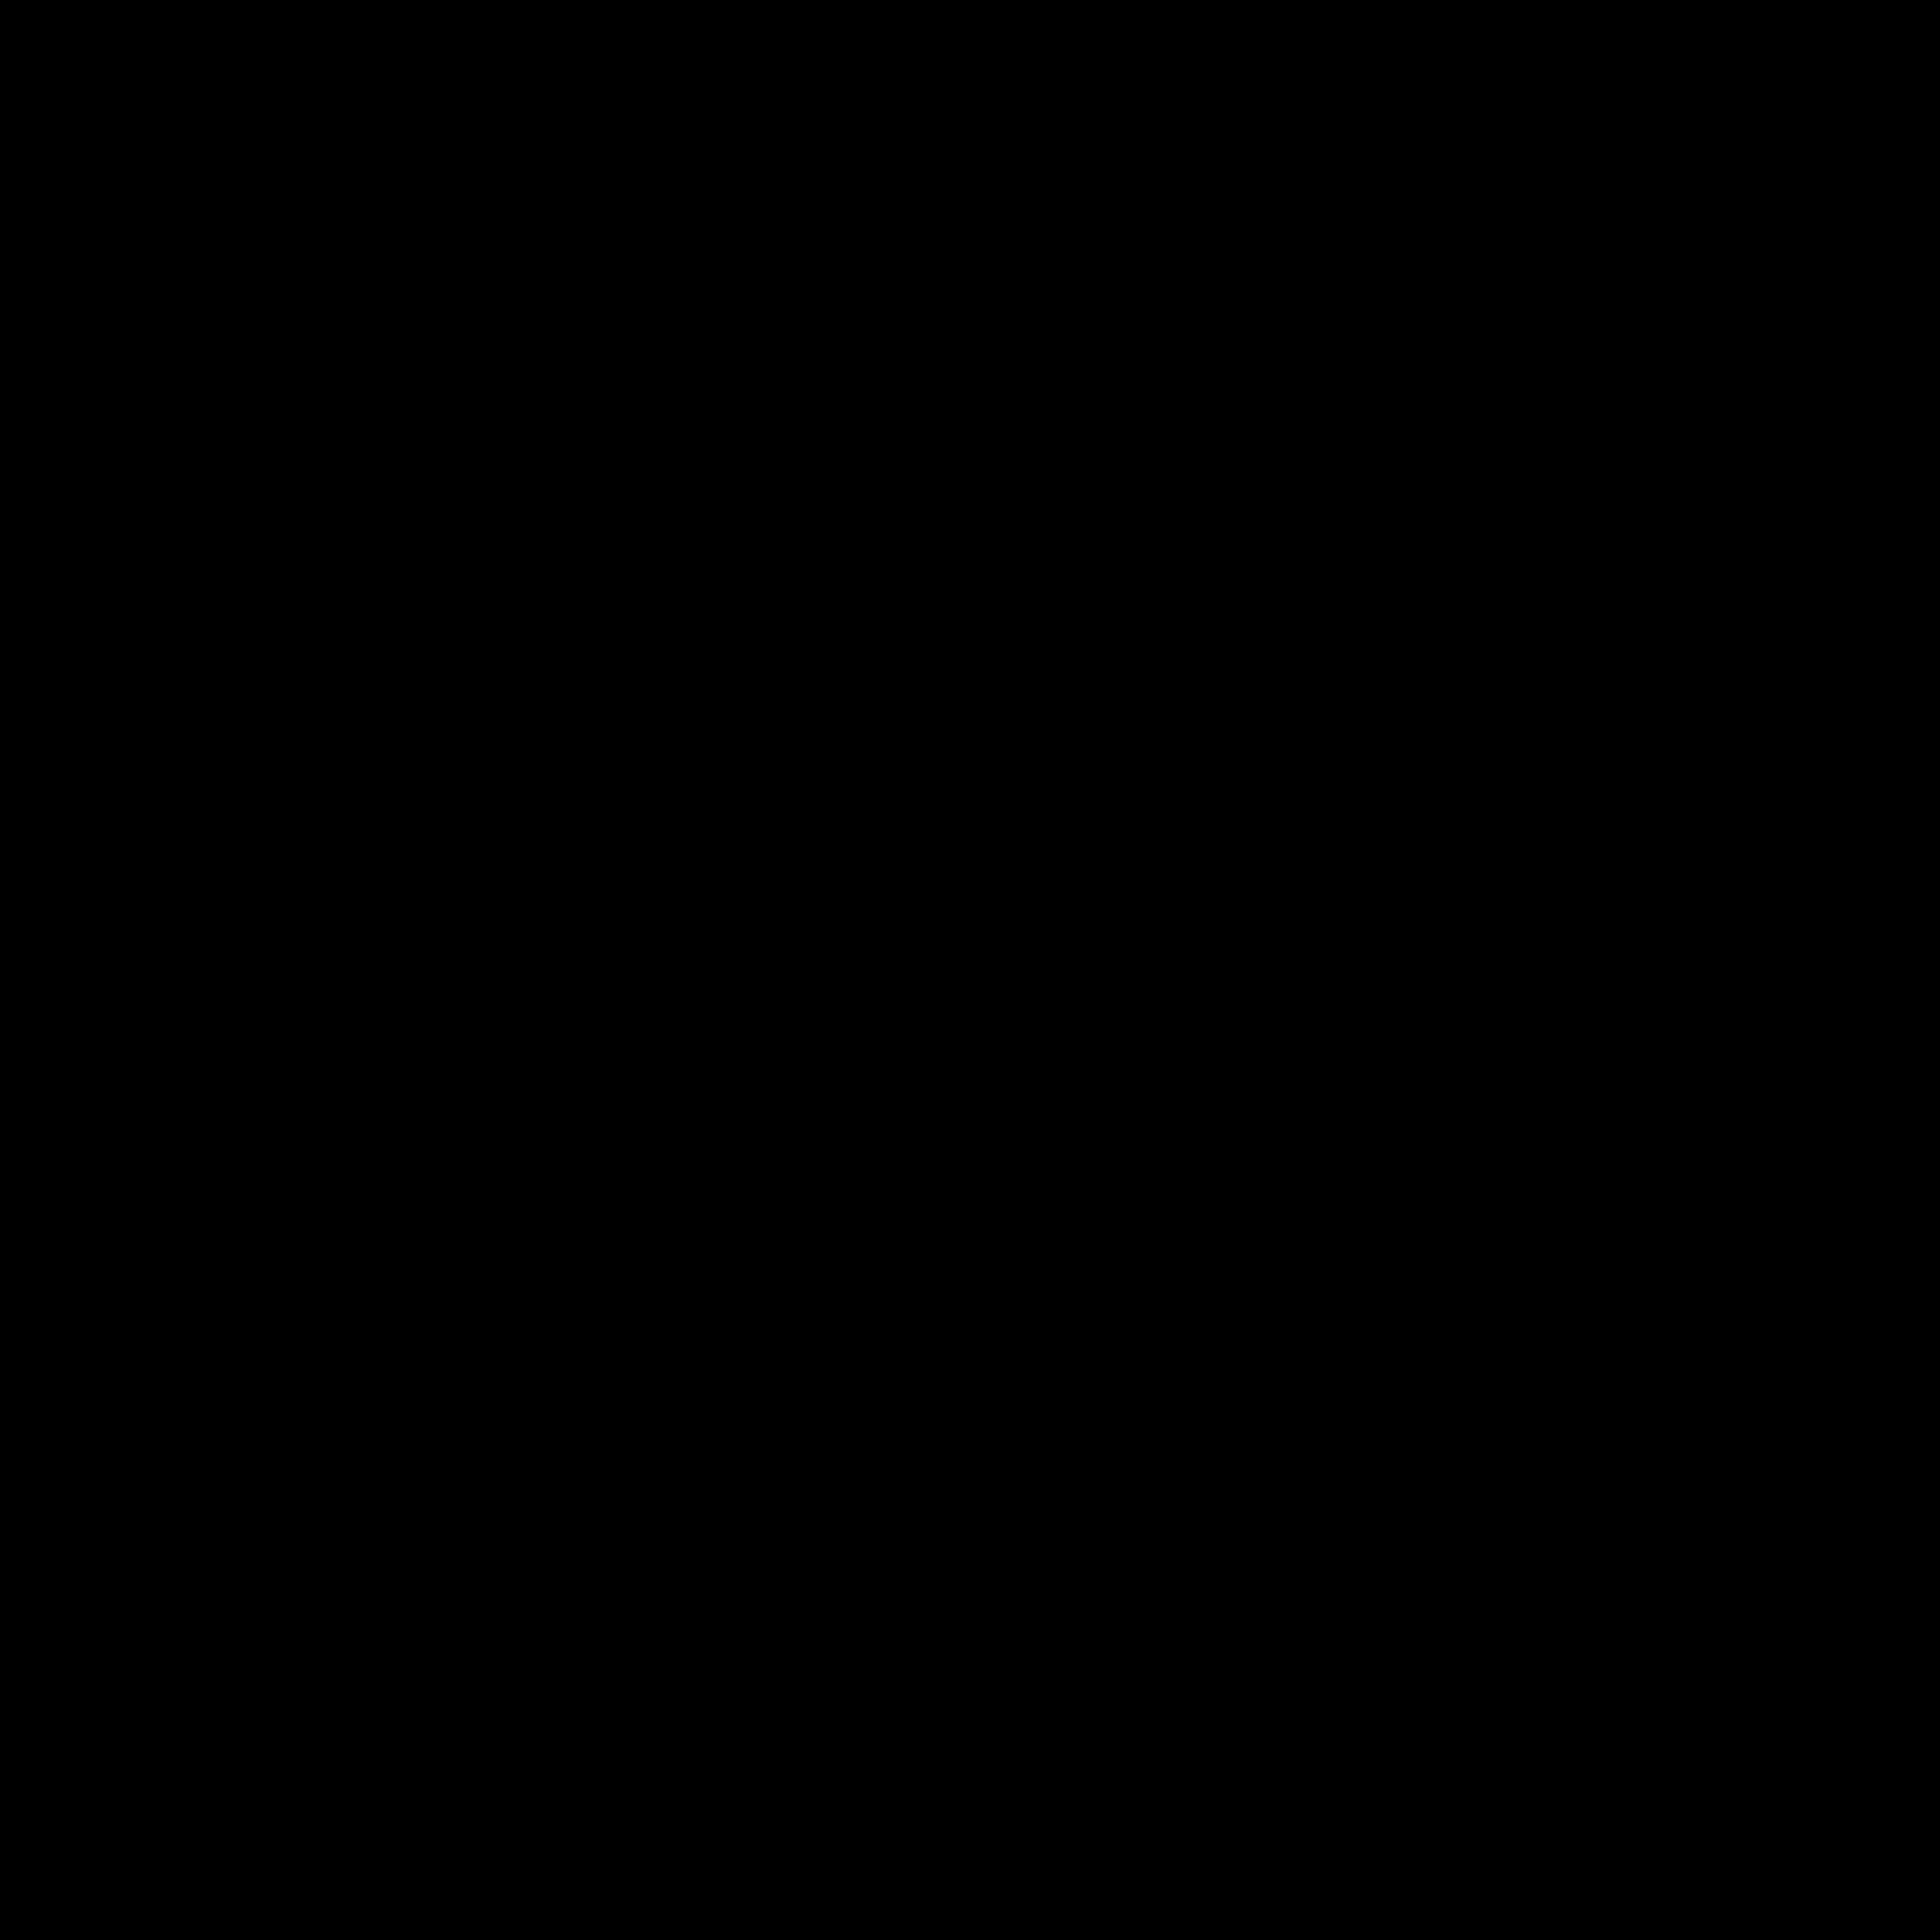 schlafen-sleep-bett-nacht-paaerchen-paar-schlafend-melatonin-spray-schlaf